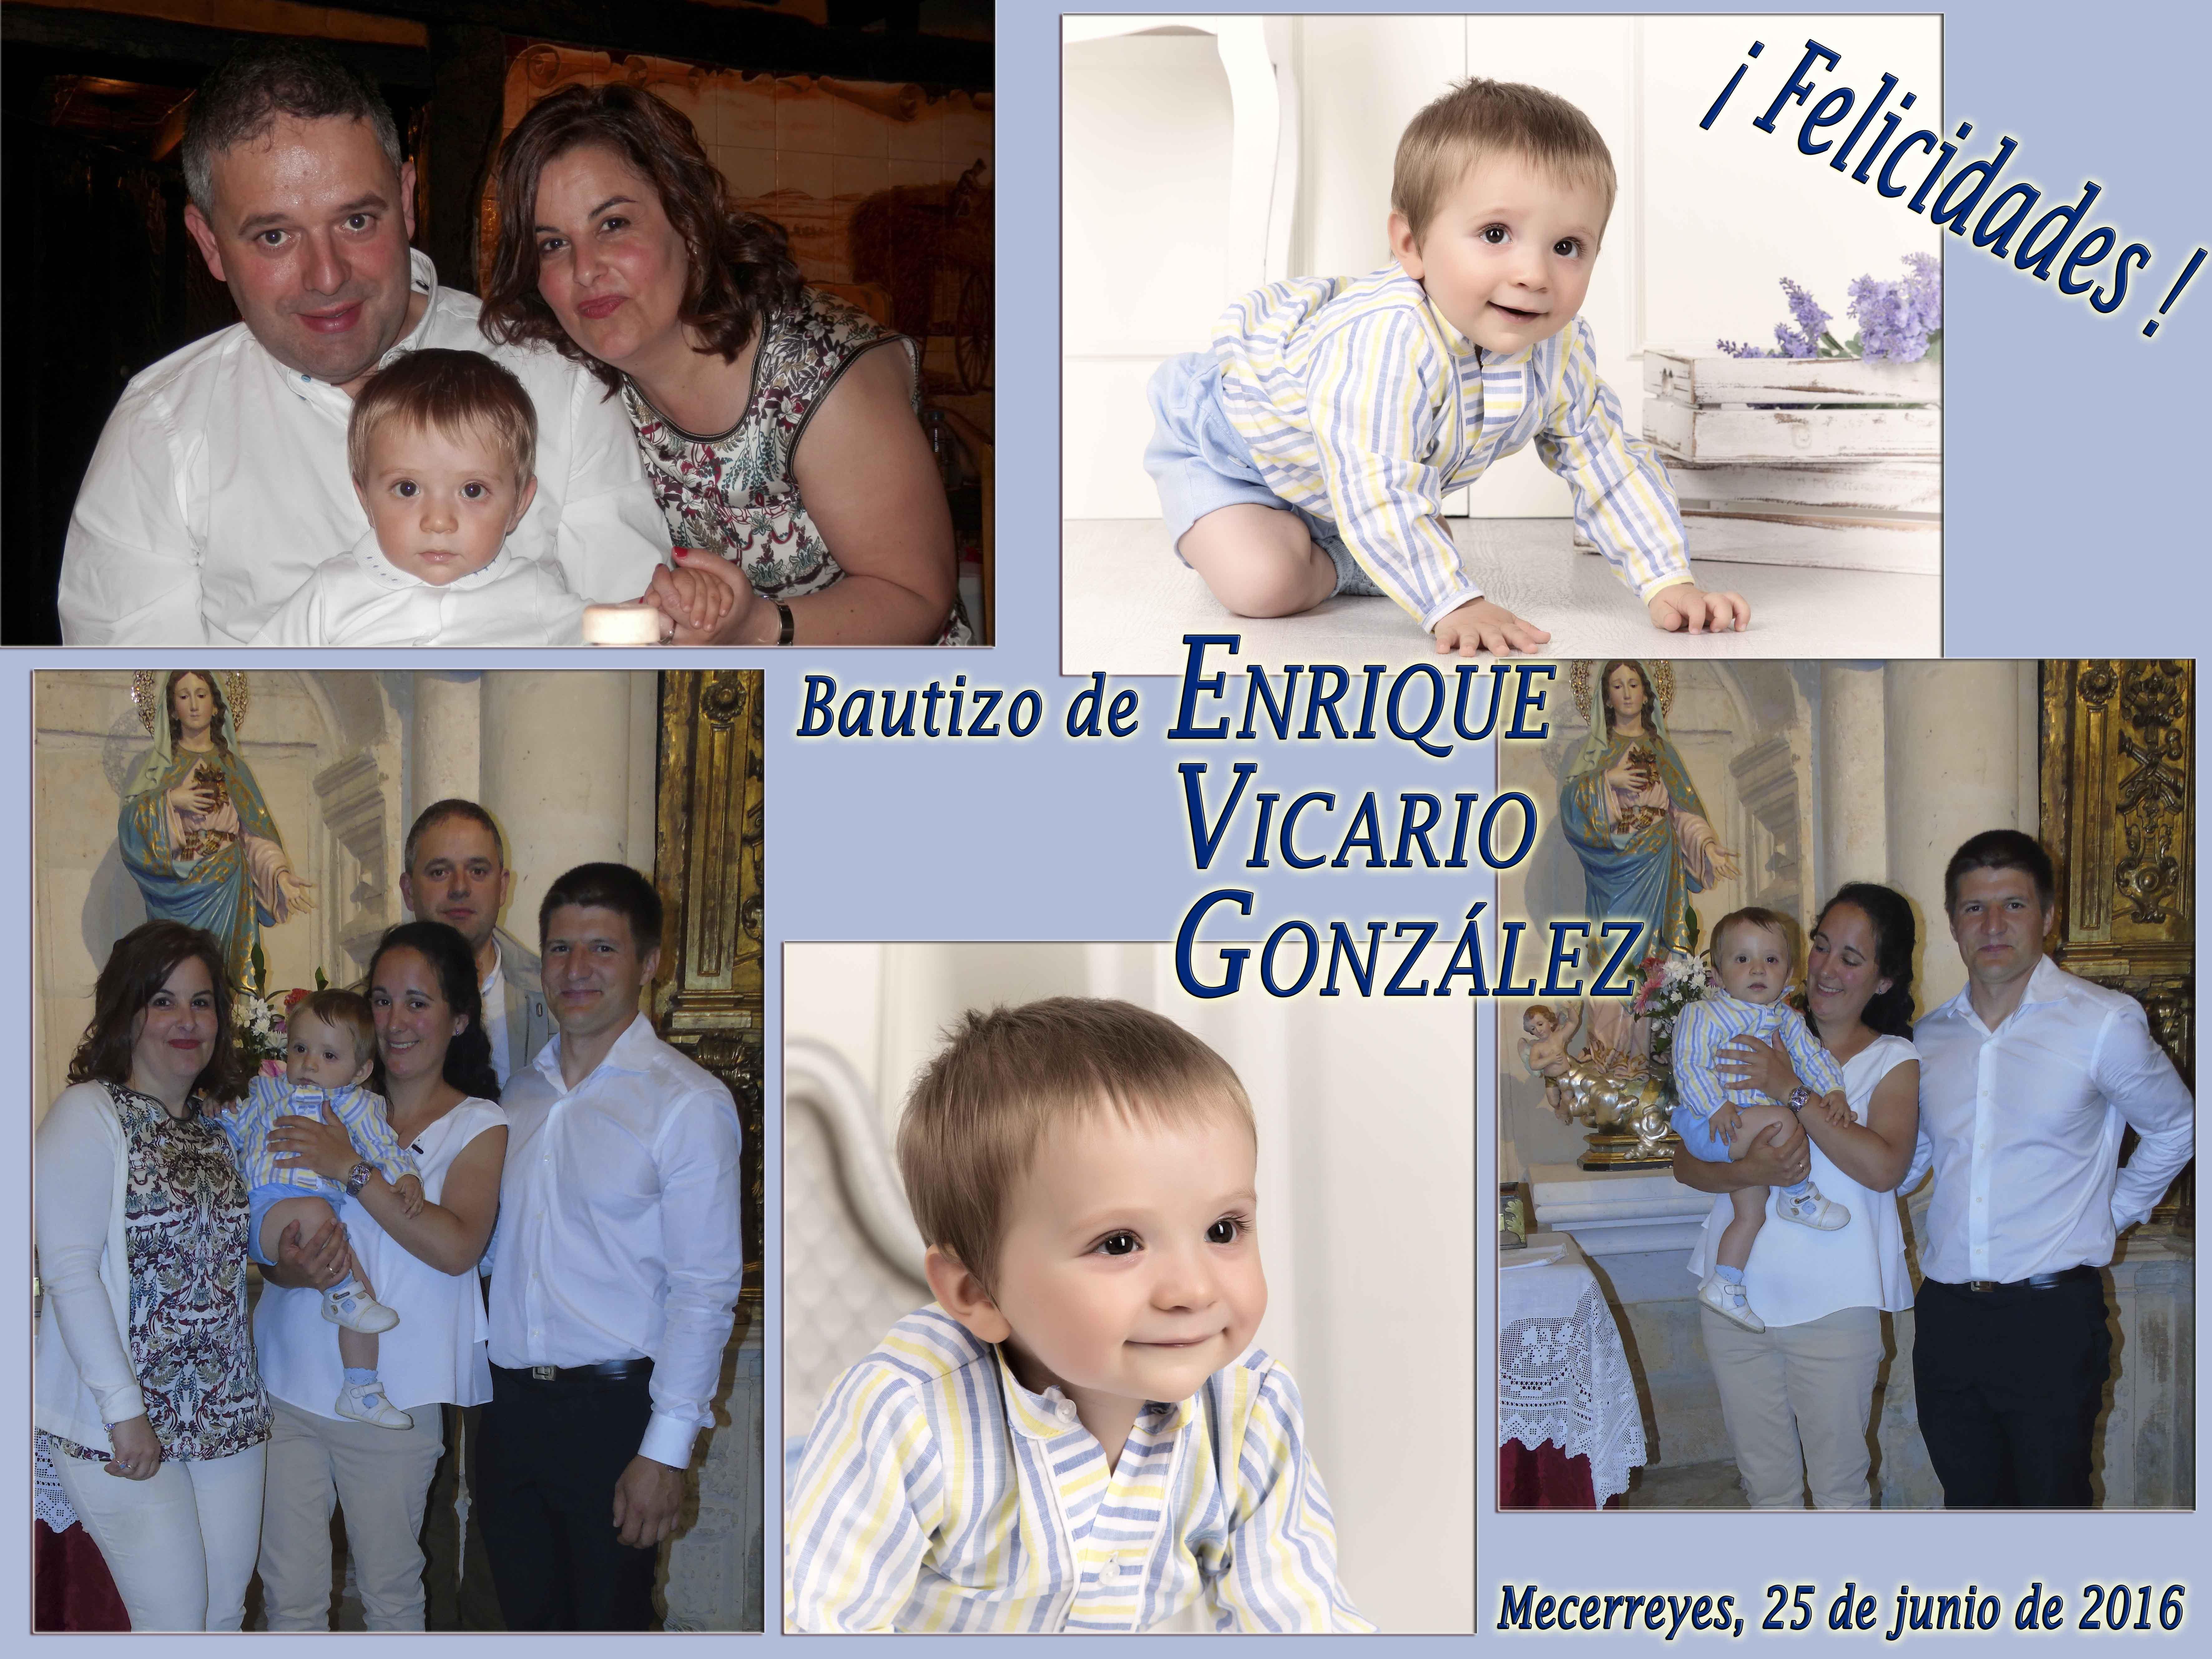 Bautizo de Enrique Vicario González, Mecerreyes 25-06-2016